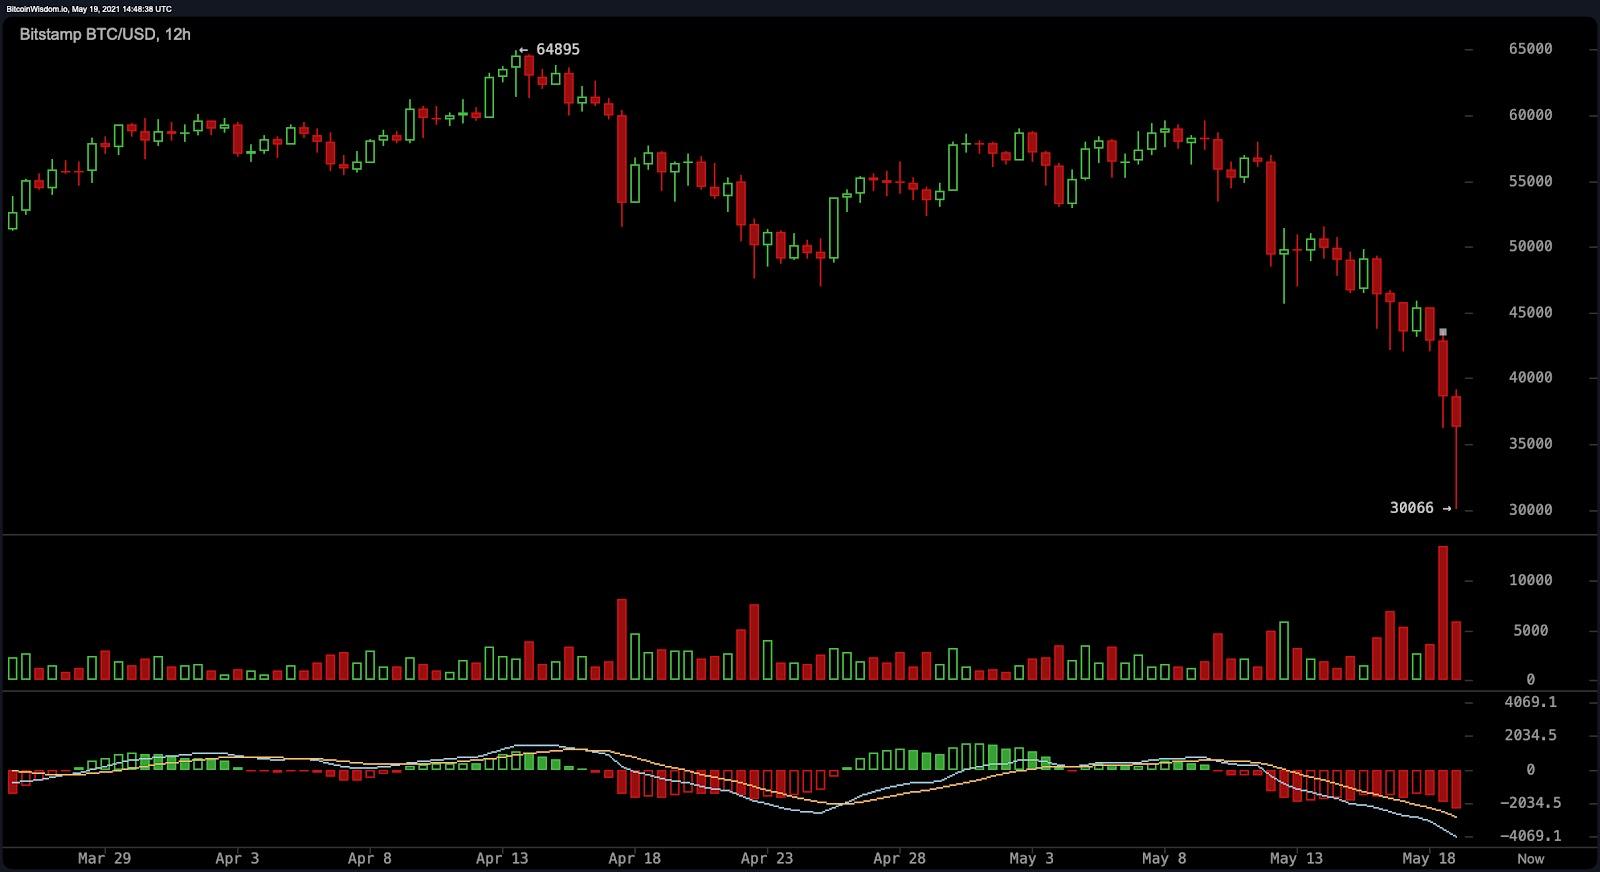 Bitcoin đã chết? - Cuộc tàn sát của thị trường tiền điện tử